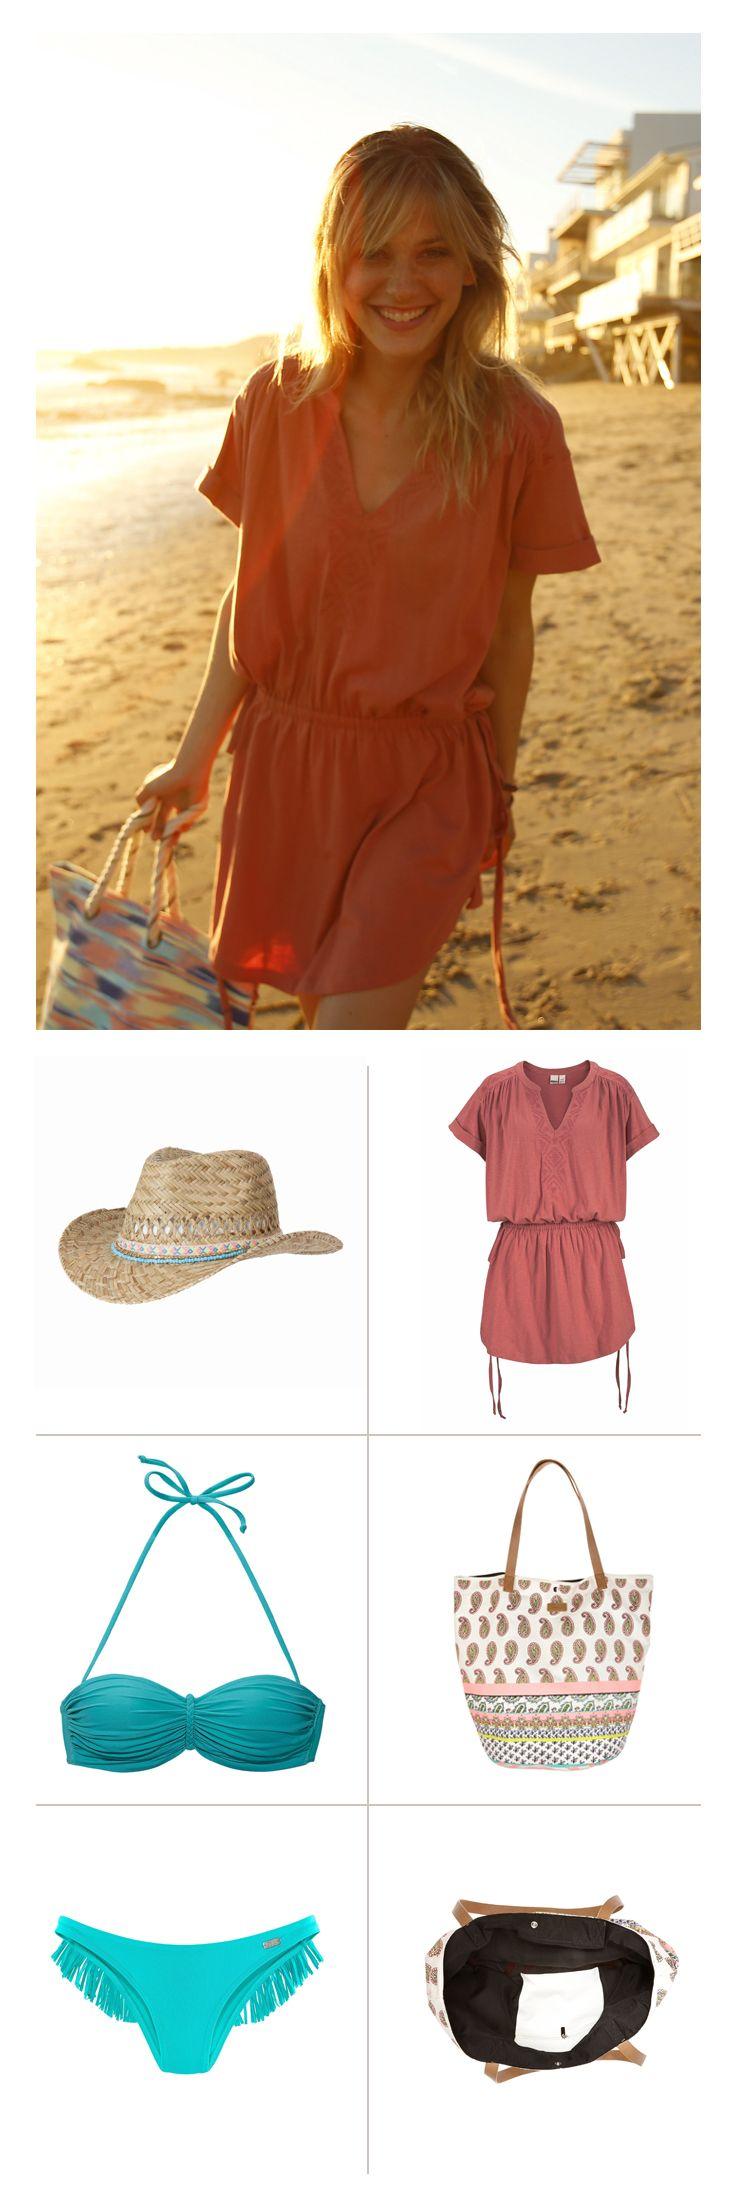 Türkis ist die Farbe des Meeres und wirkt gerade am Strand sommerlich entspannt. Der Buffalo Bikini mit trendigem Bandeau-Top sieht toll aus auf gebräunter Haut. Der Codello Strohhut mit türkisen Applikationen gibt dem Style lässigen Chic. Das rostrote Kleid von Roxy schafft einen schönen Kontrast.